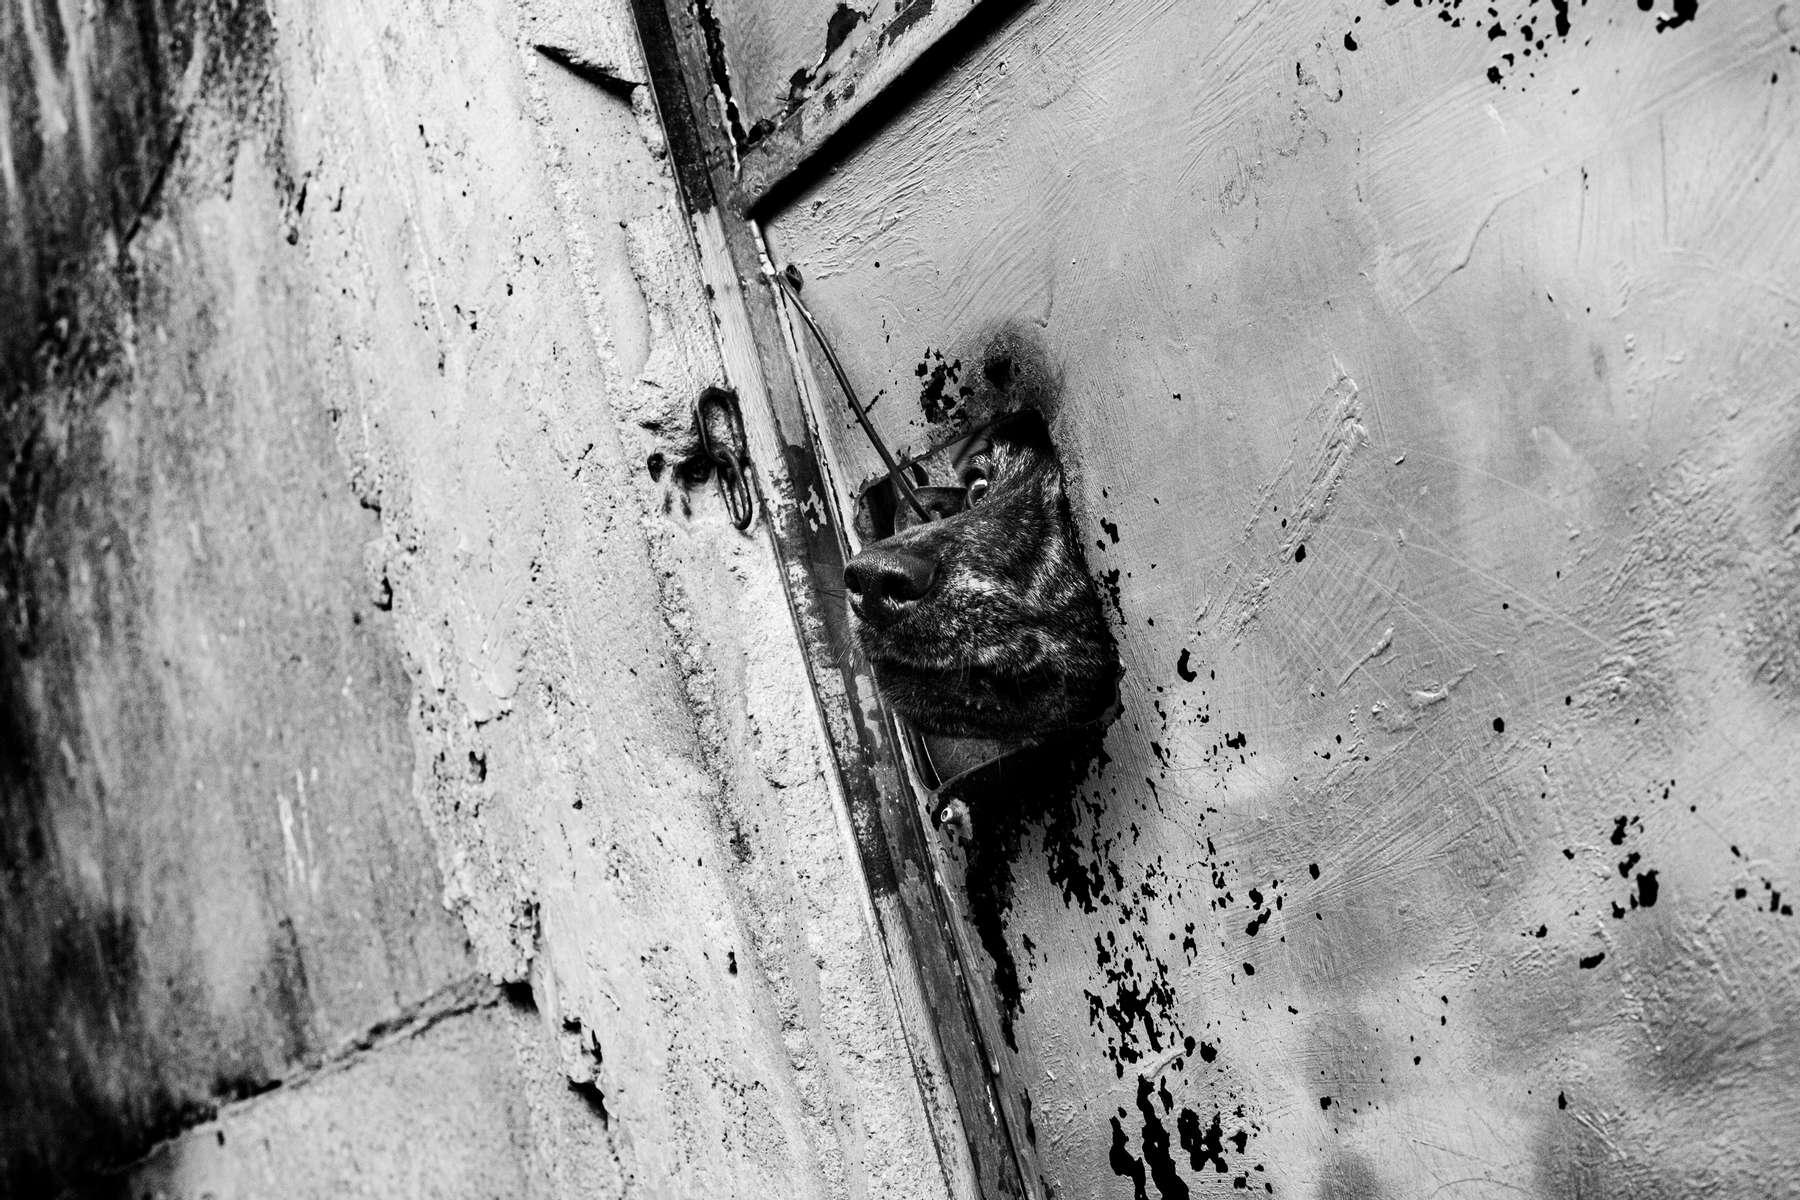 Un perro saca la cabeza por el agujero en una puerta de metal en el barrio pobre conocido como Complexo Alemao, en Río de Janeiro, Brasil, 17 de junio de 2016.